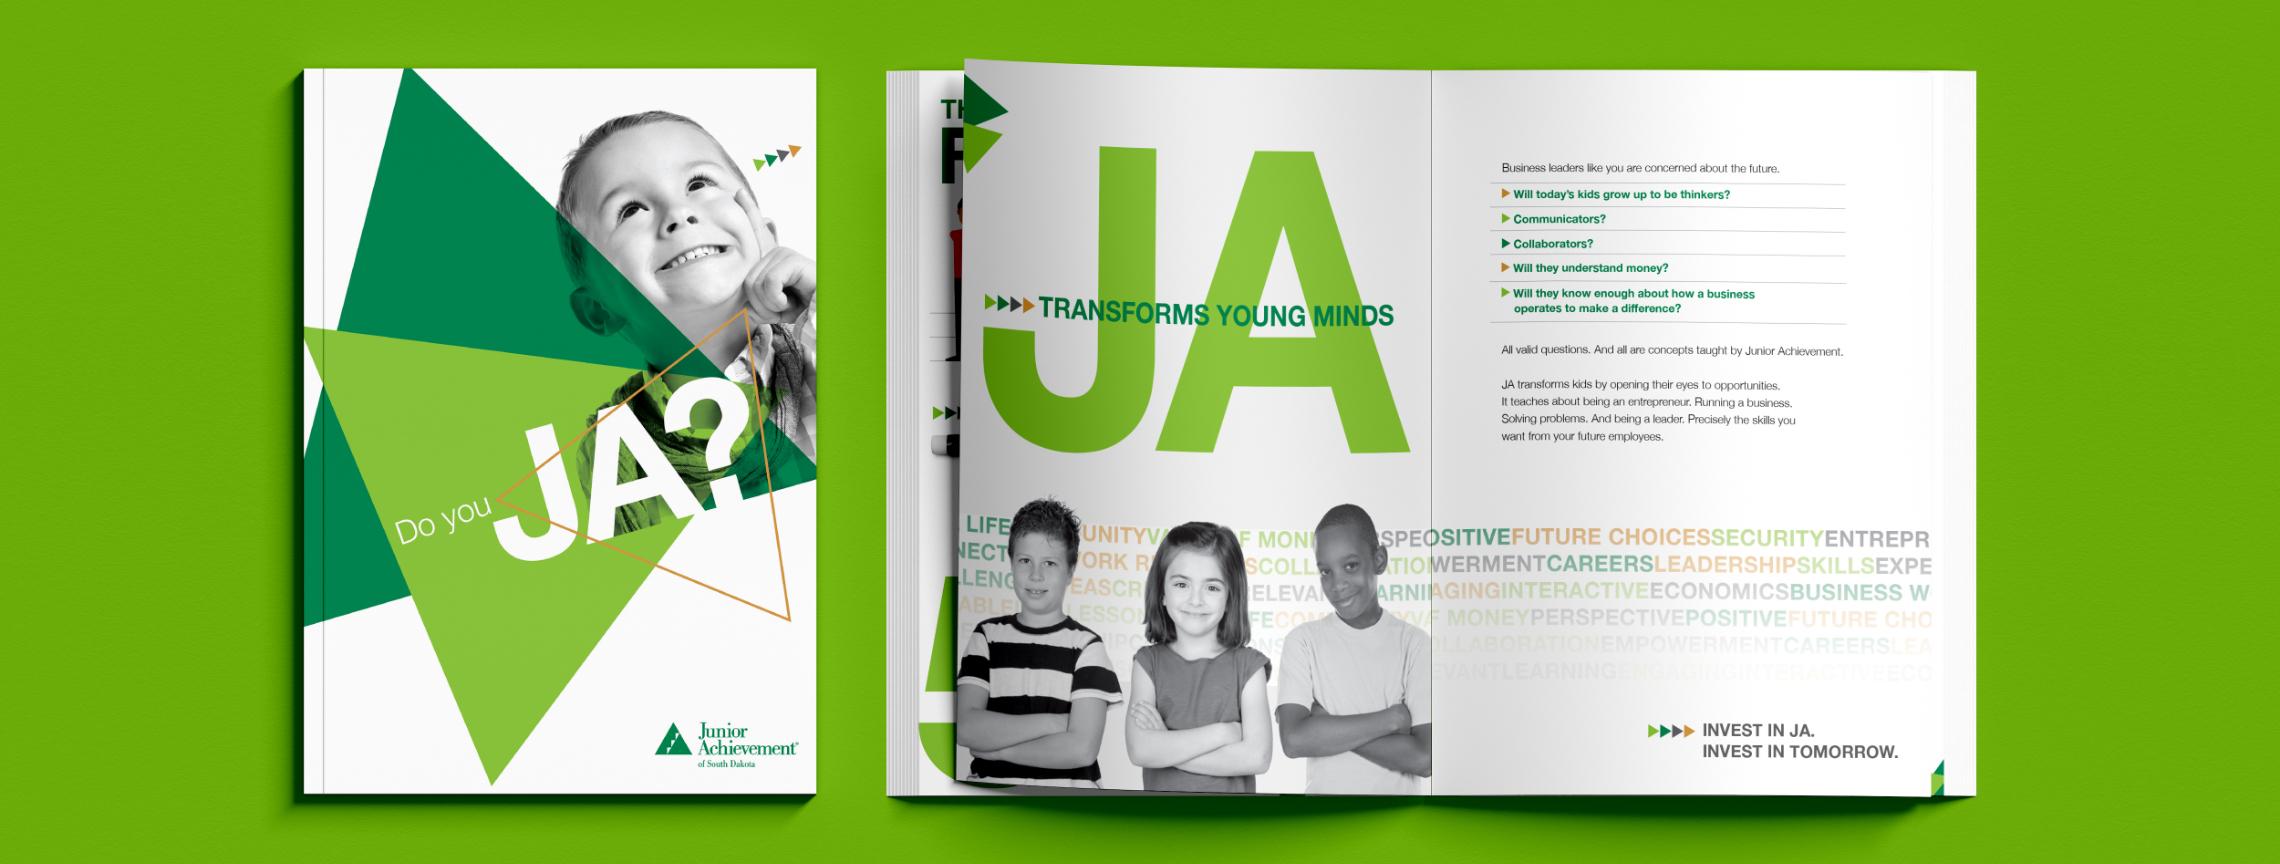 JA_Building Tomorrows_Leaders_2